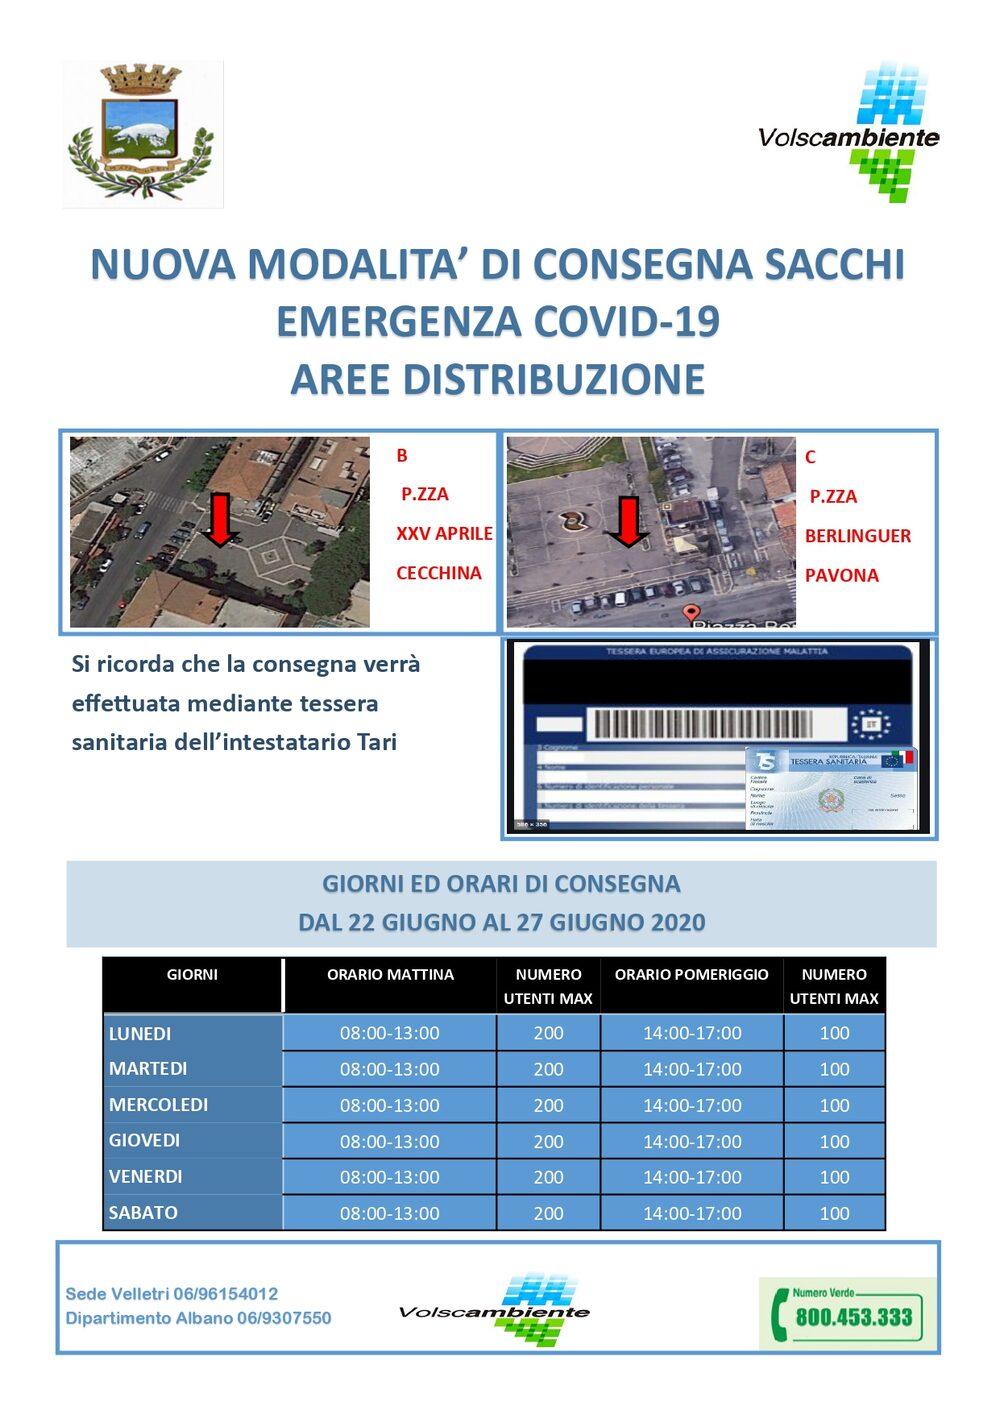 CECCHINA - B - XXV Aprile - dal 22 al 27 Giugno 2020 = PAVONA - C - Piazza Berlinguer - dal 22 al 27 Giugno 2020